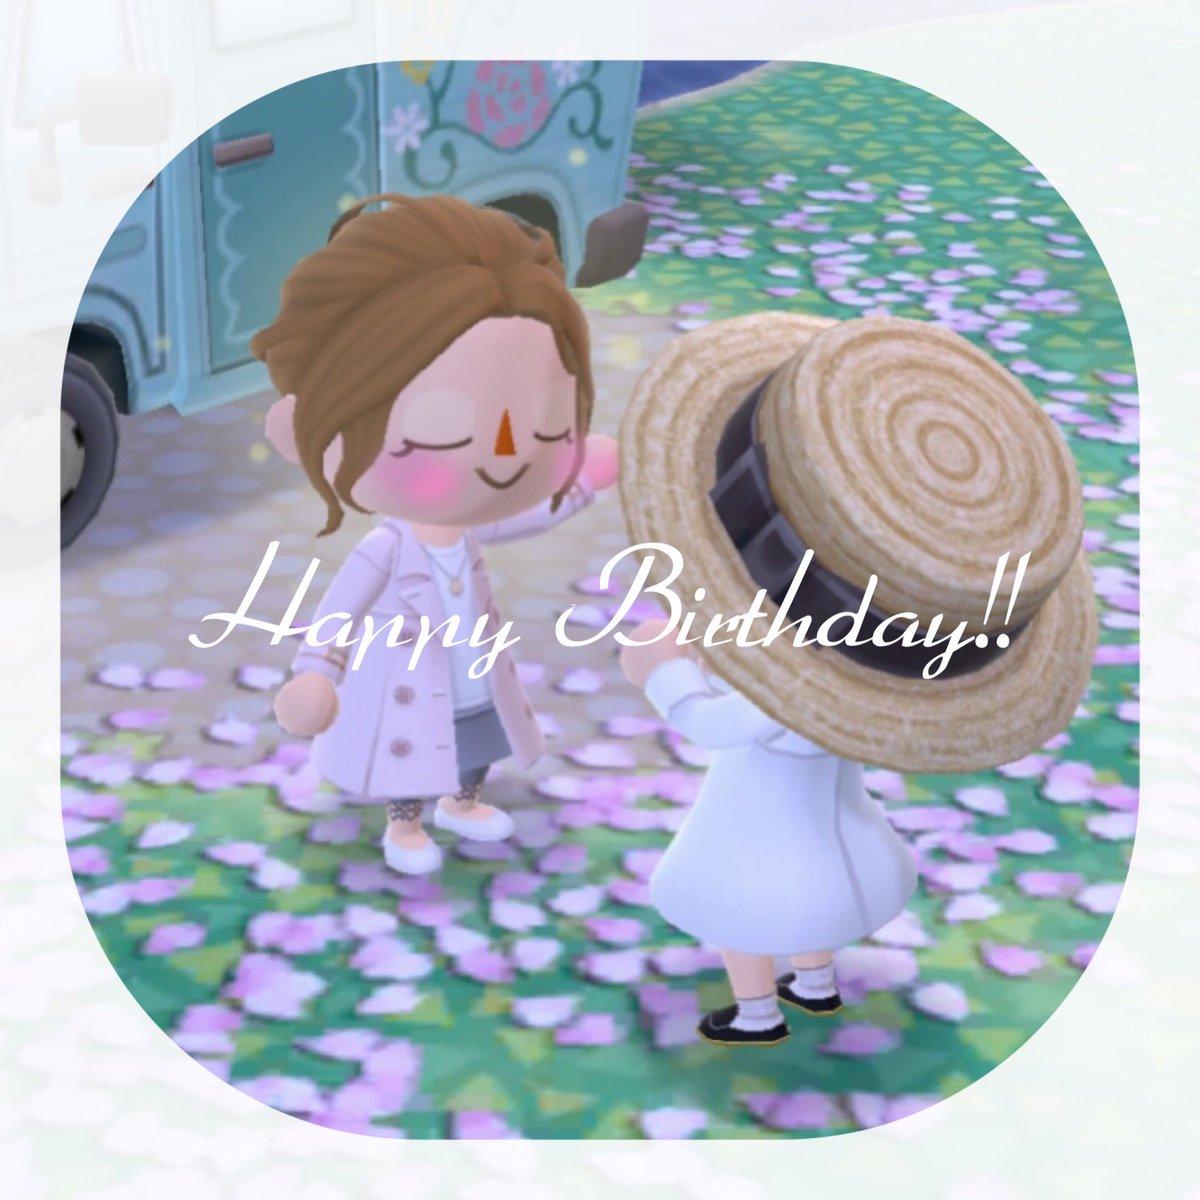 test ツイッターメディア - @mint_a_c mintさんお誕生日おめでとうございます☺️💓mintさんにとって素敵な年になりますように✨これからもポケ森でもあつ森でもよろしくお願いします〜😊🎶 https://t.co/PSVj789ztw